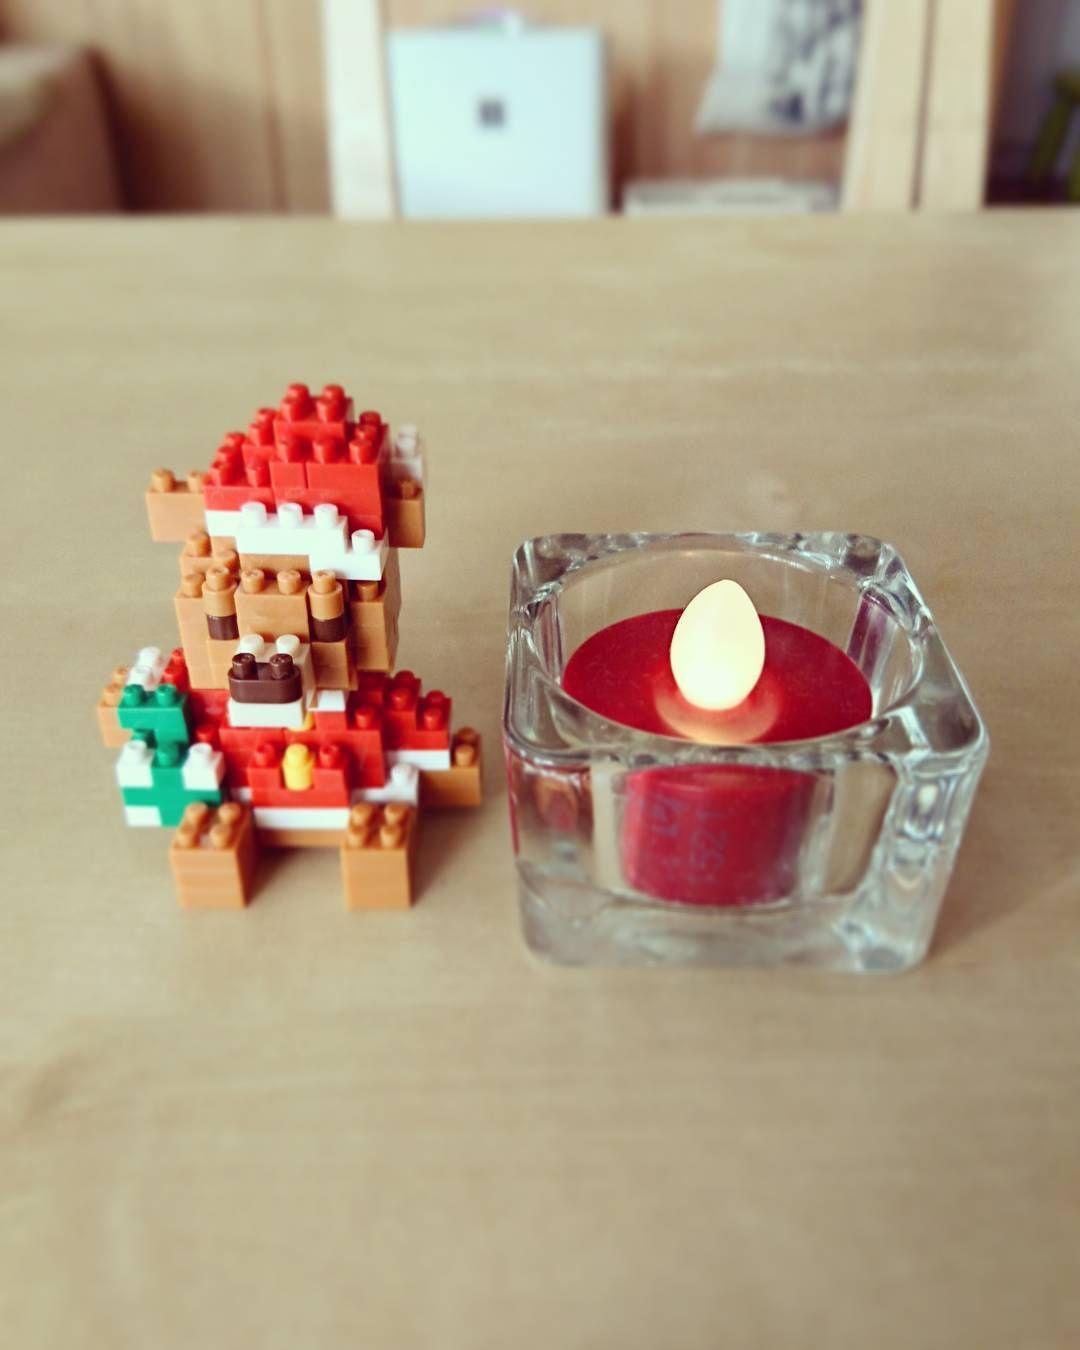 旦那が#ビックカメラ で買ってきてくれた#ナノブロック 。かわい~✨ #クリスマス #クリスマスインテリア #ikea #テディベア #キャンドル#nanoblock